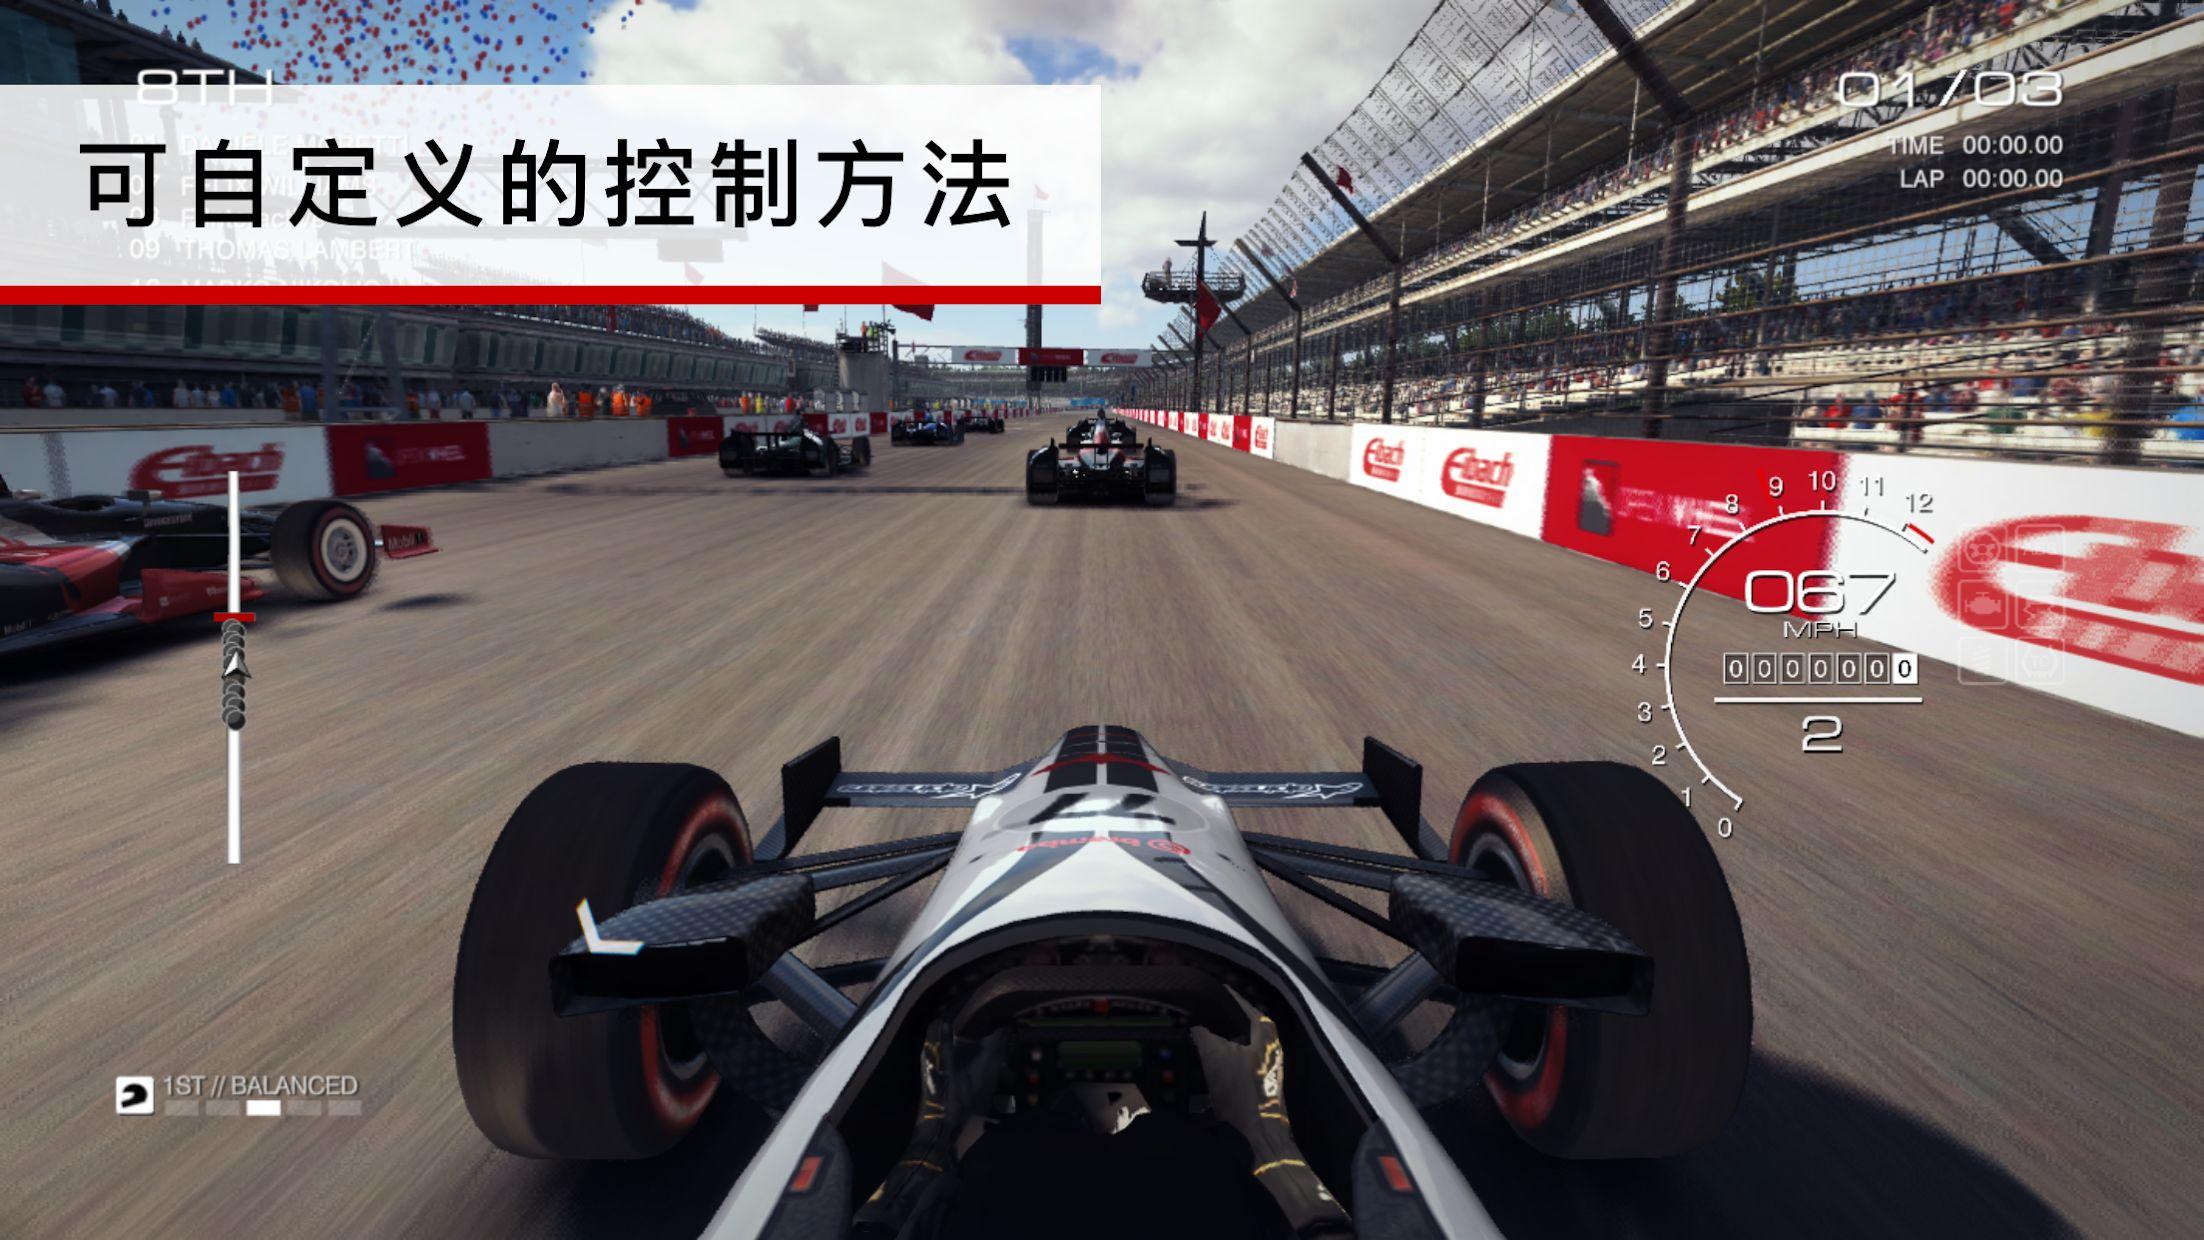 超级房车赛:汽车运动(GRID) 游戏截图4